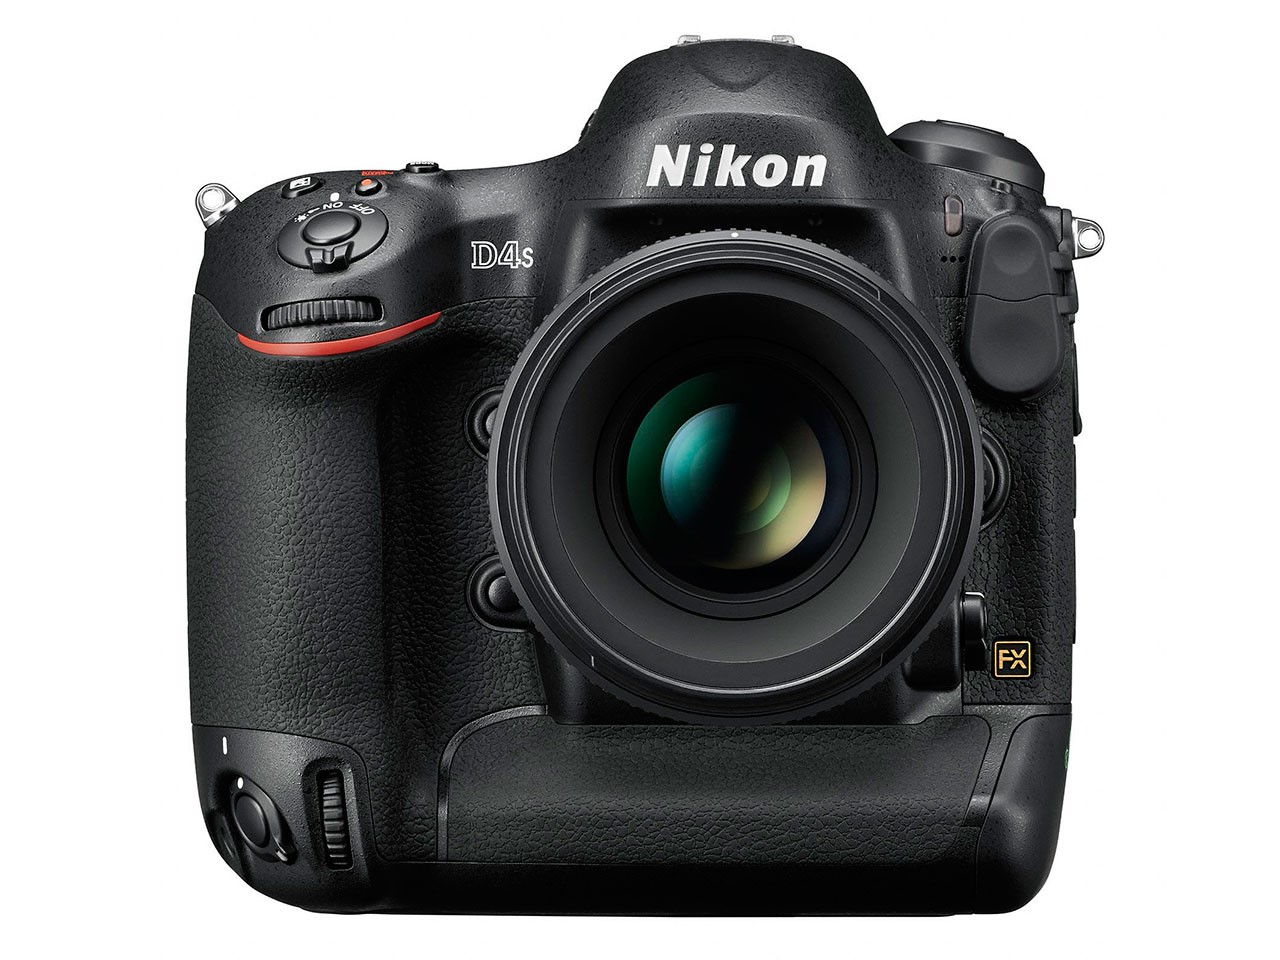 Újabb leg-leg DSLR: Itt a Nikon D4S